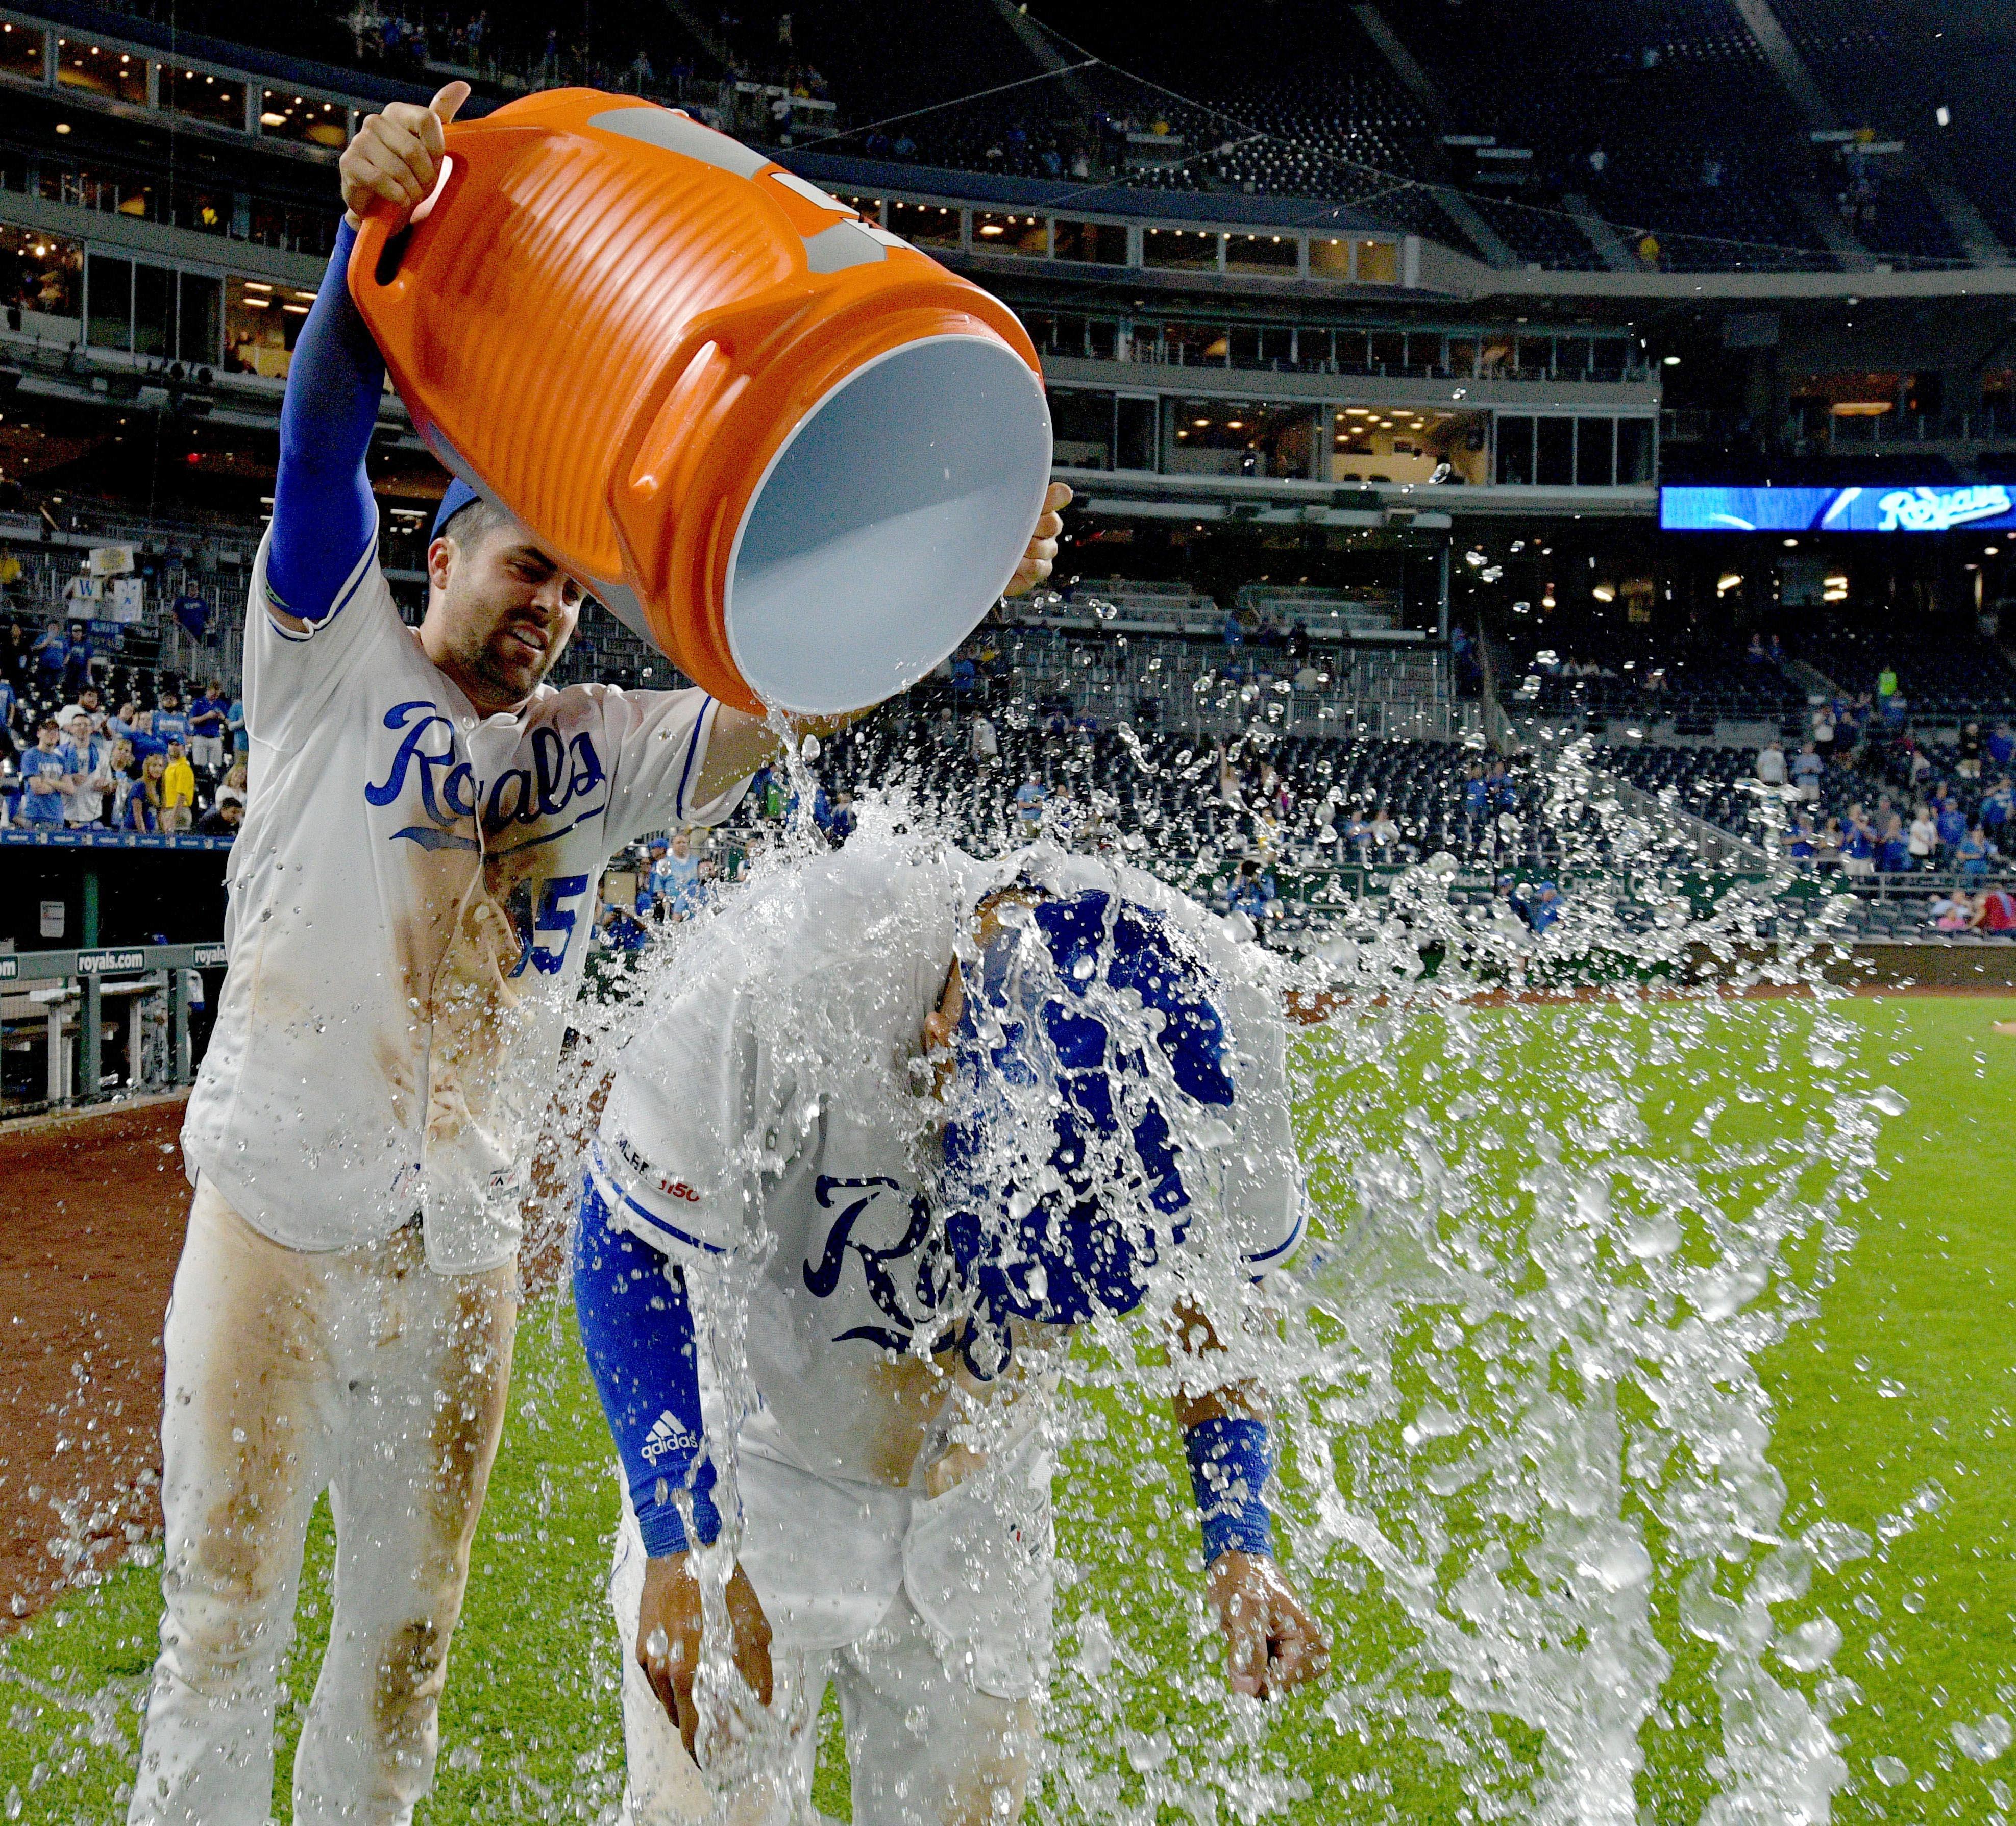 MLB: Texas Rangers at Kansas City Royals